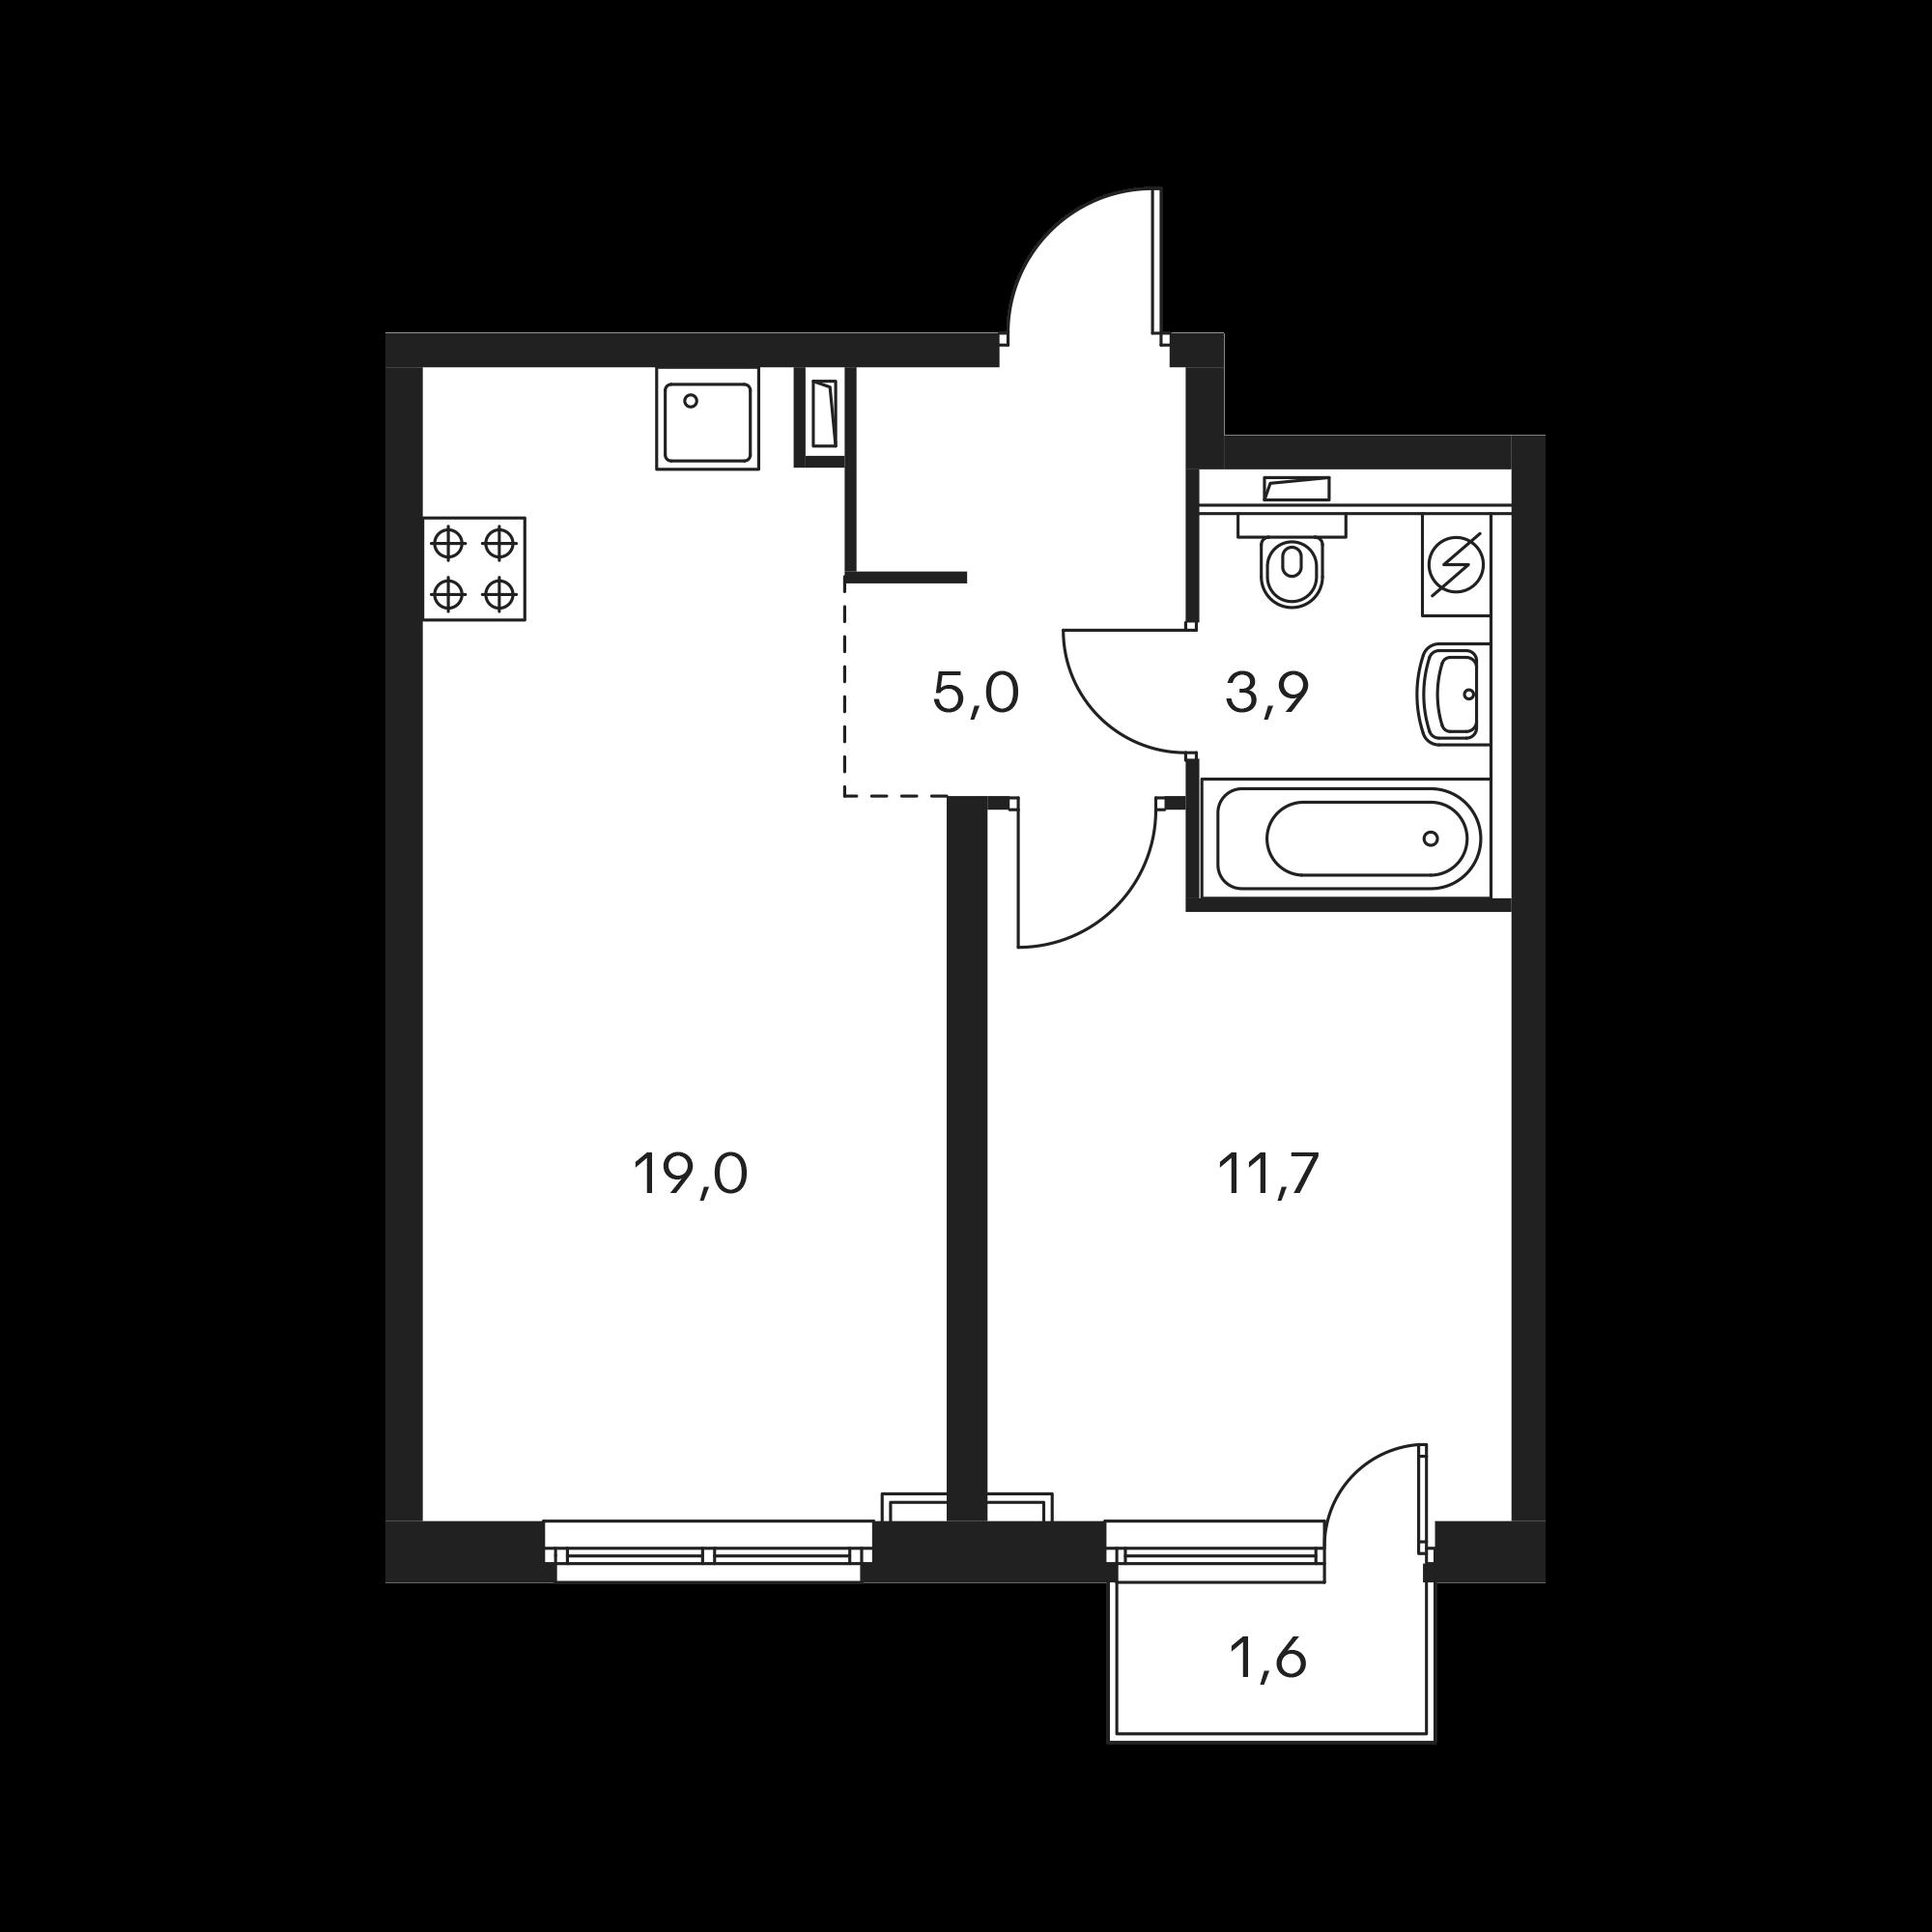 1EM5_6.6-1B1